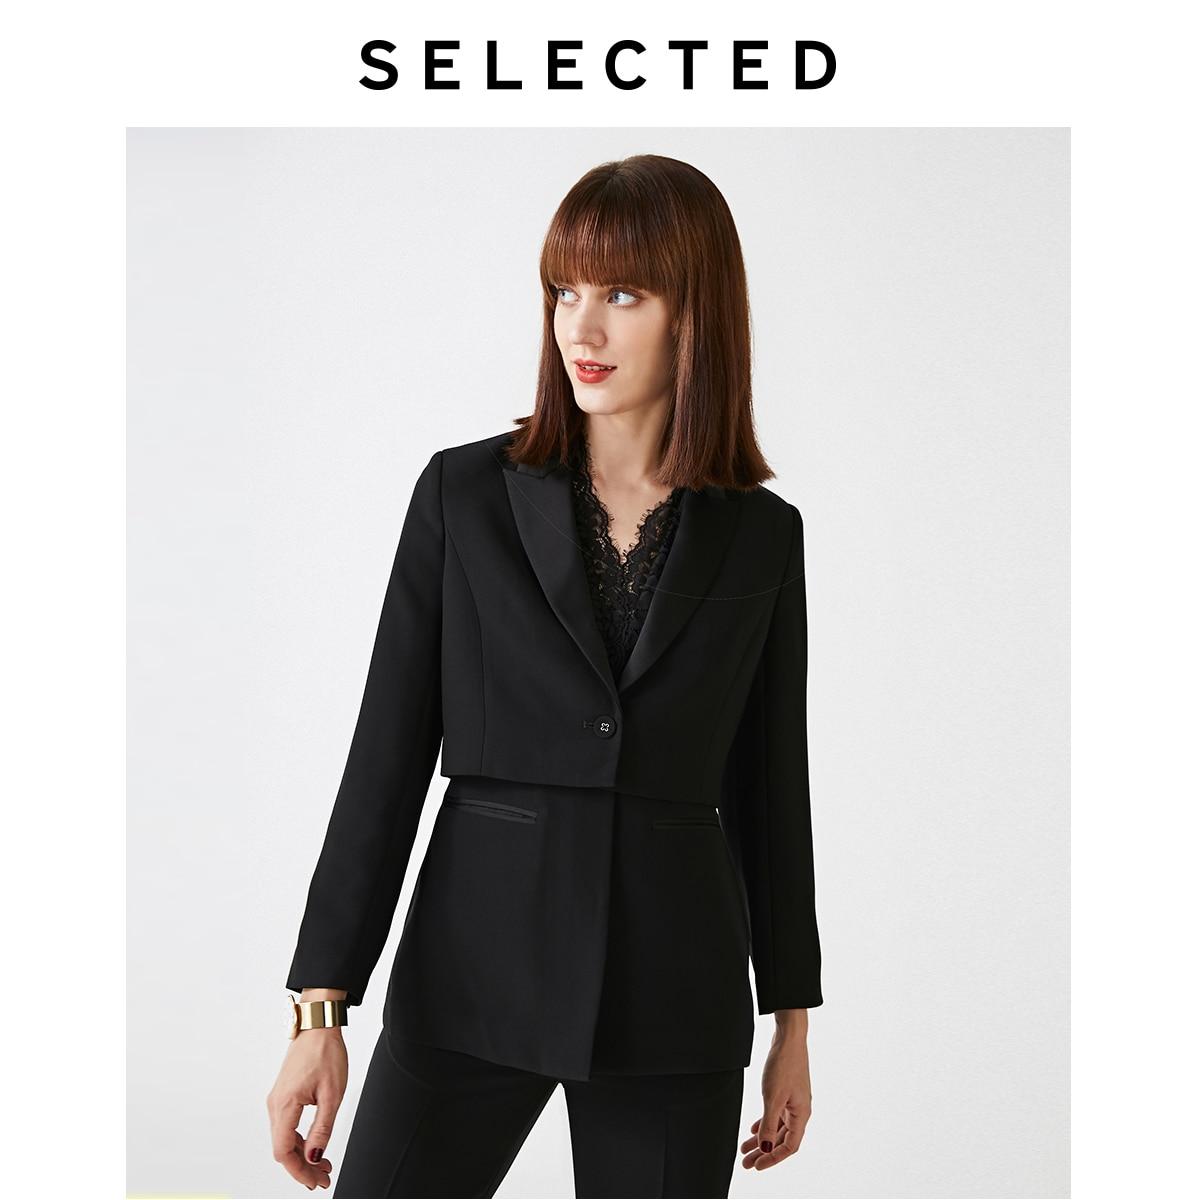 Las mujeres seleccionadas de encaje de temperamento de Cercanías de dos piezas chaqueta S   419372501